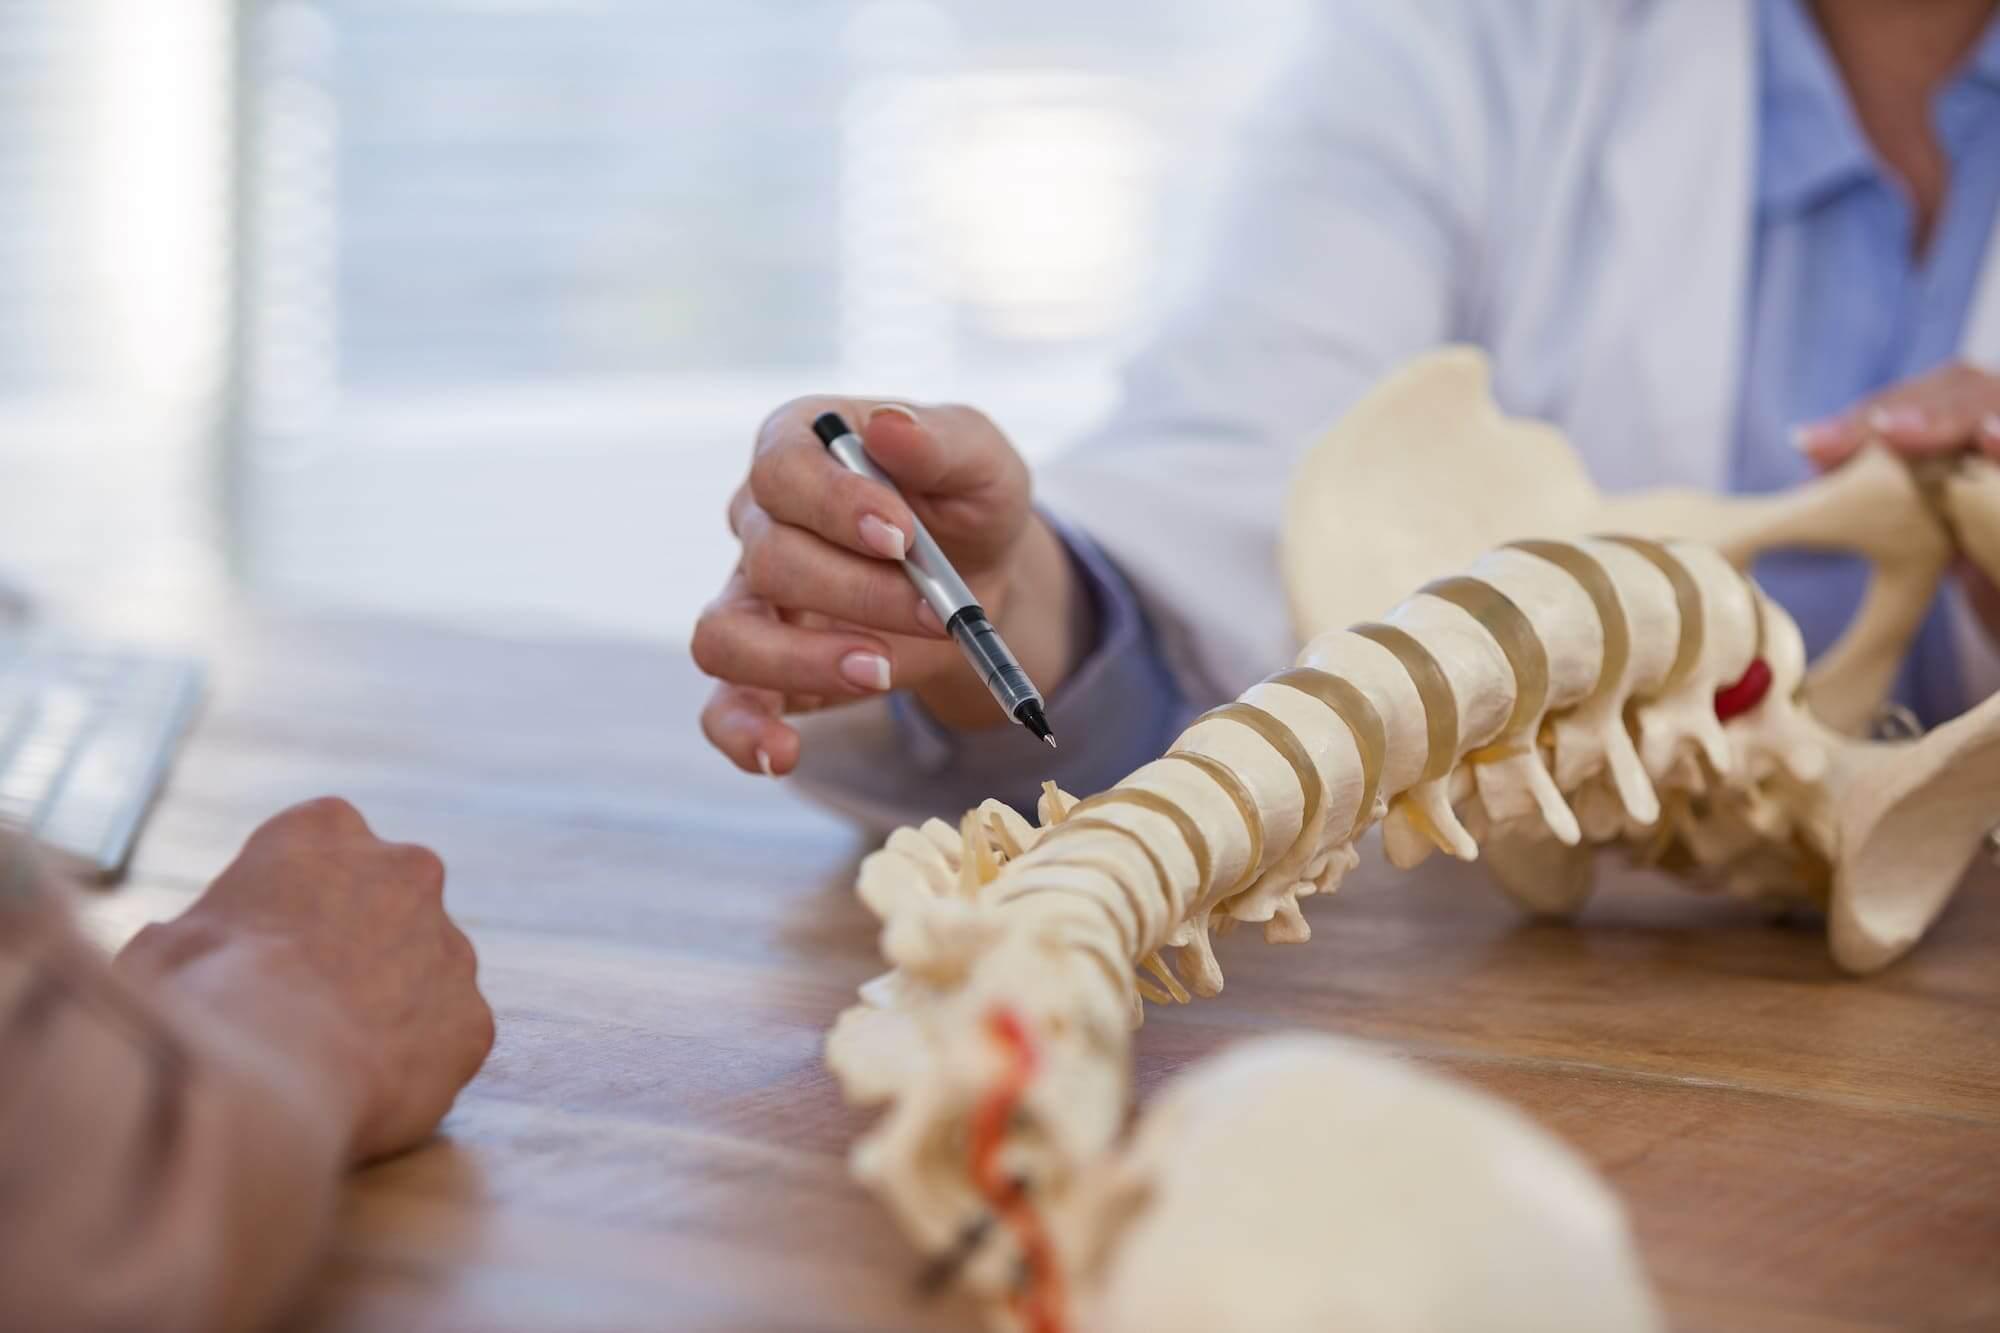 hogyan kell kezelni a vállszalagot sphenoid ízületi arthrosis